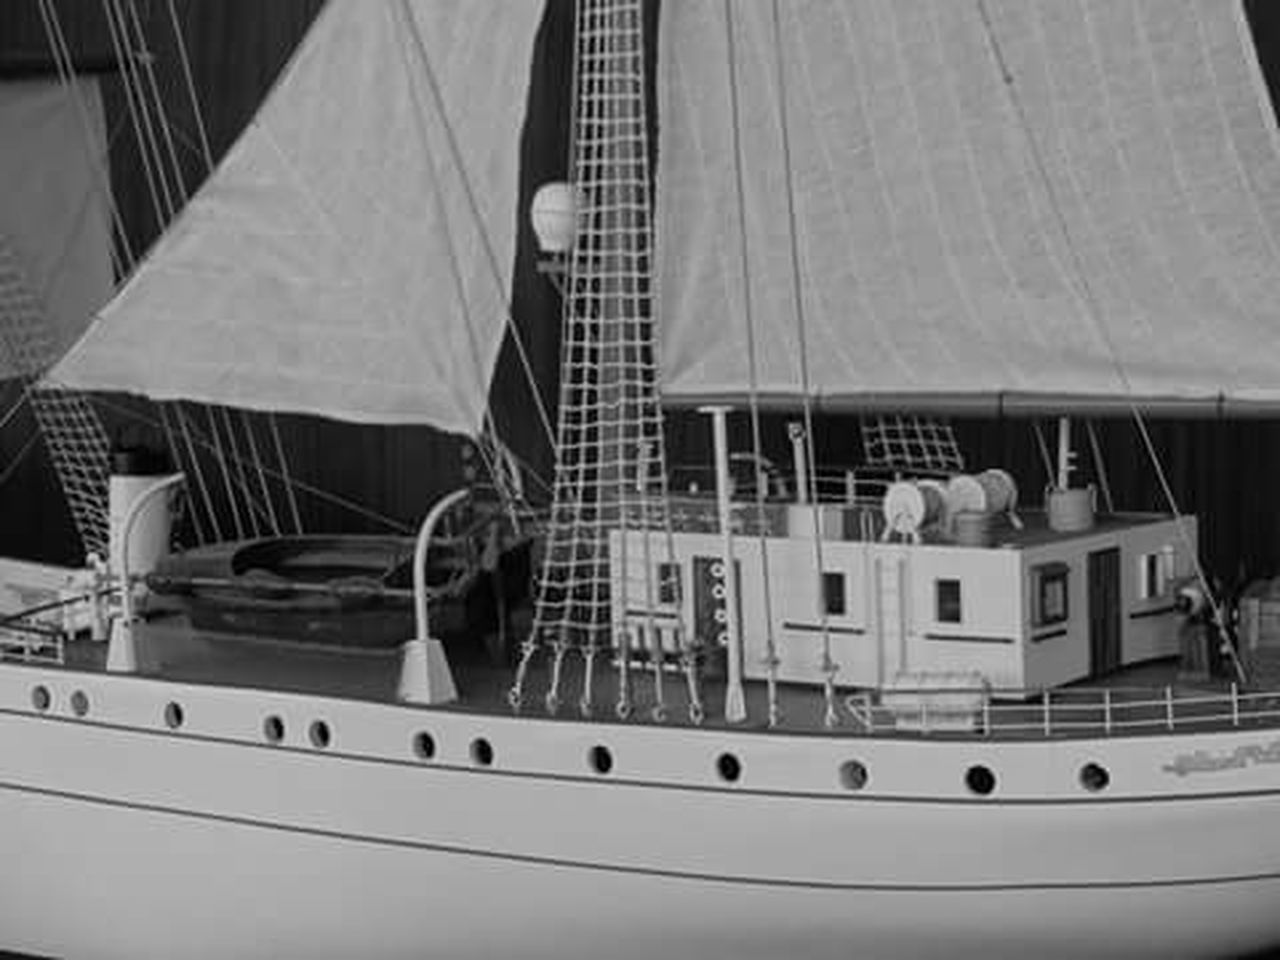 Modelo a escala de un barco de la Marina Armada de México. Fotografía sin edición. Blancoynegro Black & White Mexico MarinaArmadadeMéxico